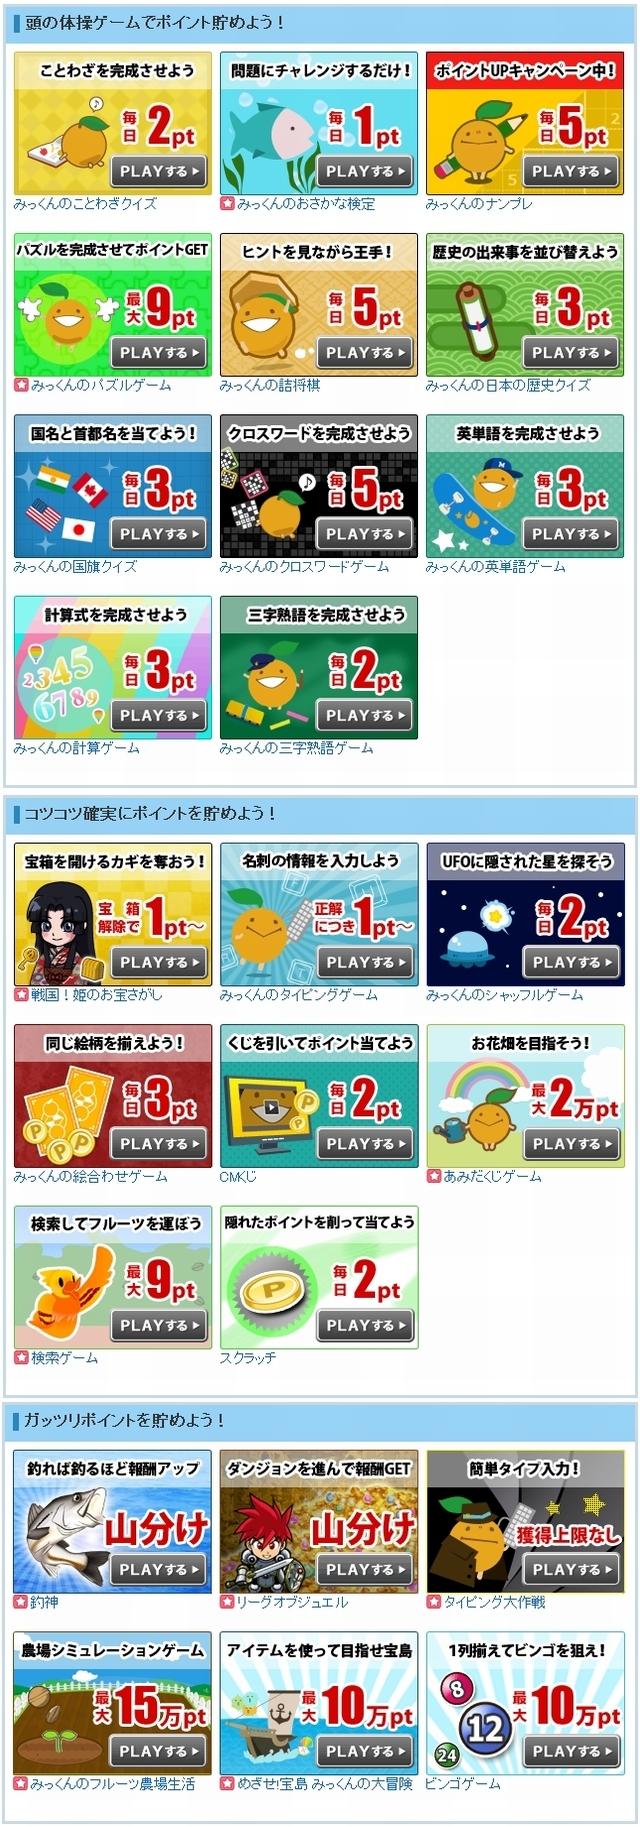 フルーツメール ゲーム00-640